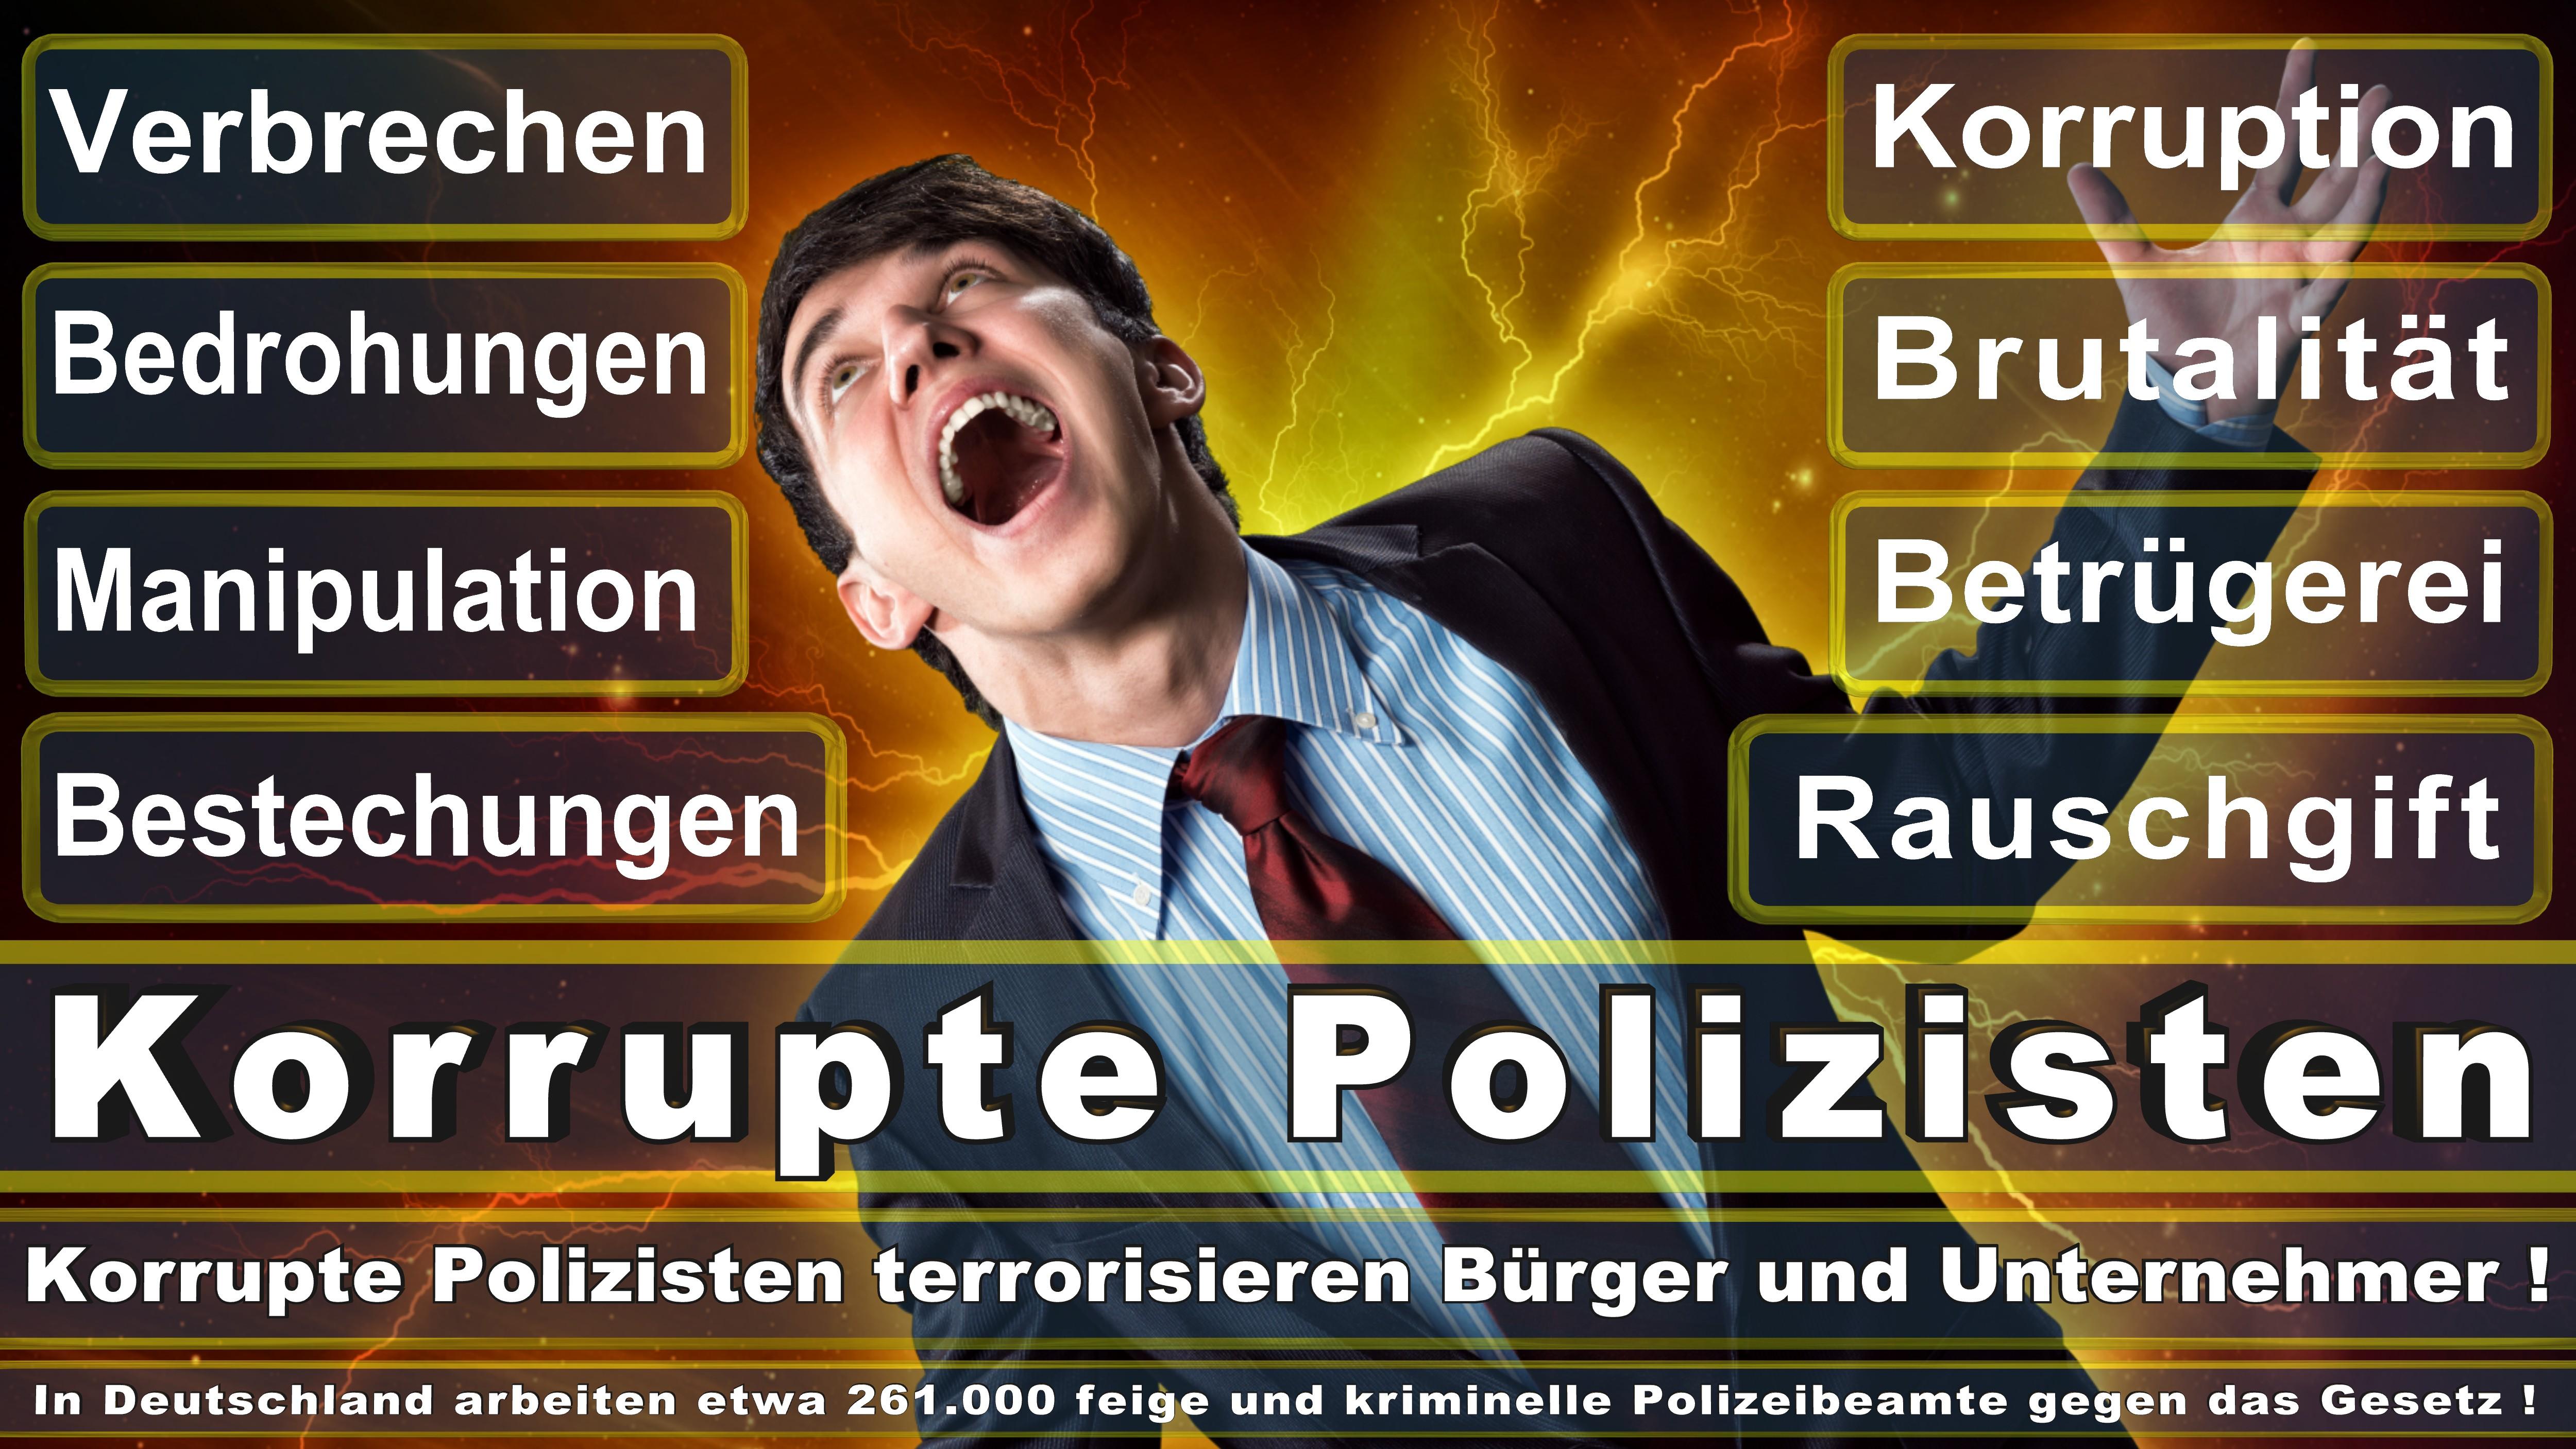 Polizei-Bielefeld (172) Verkehrspolizei, Polizeiverwaltungsamt, Bereitschaftspolizei, Polizeibeamte, Polizeibeamter, Polizeieinsatz Bielefeld,